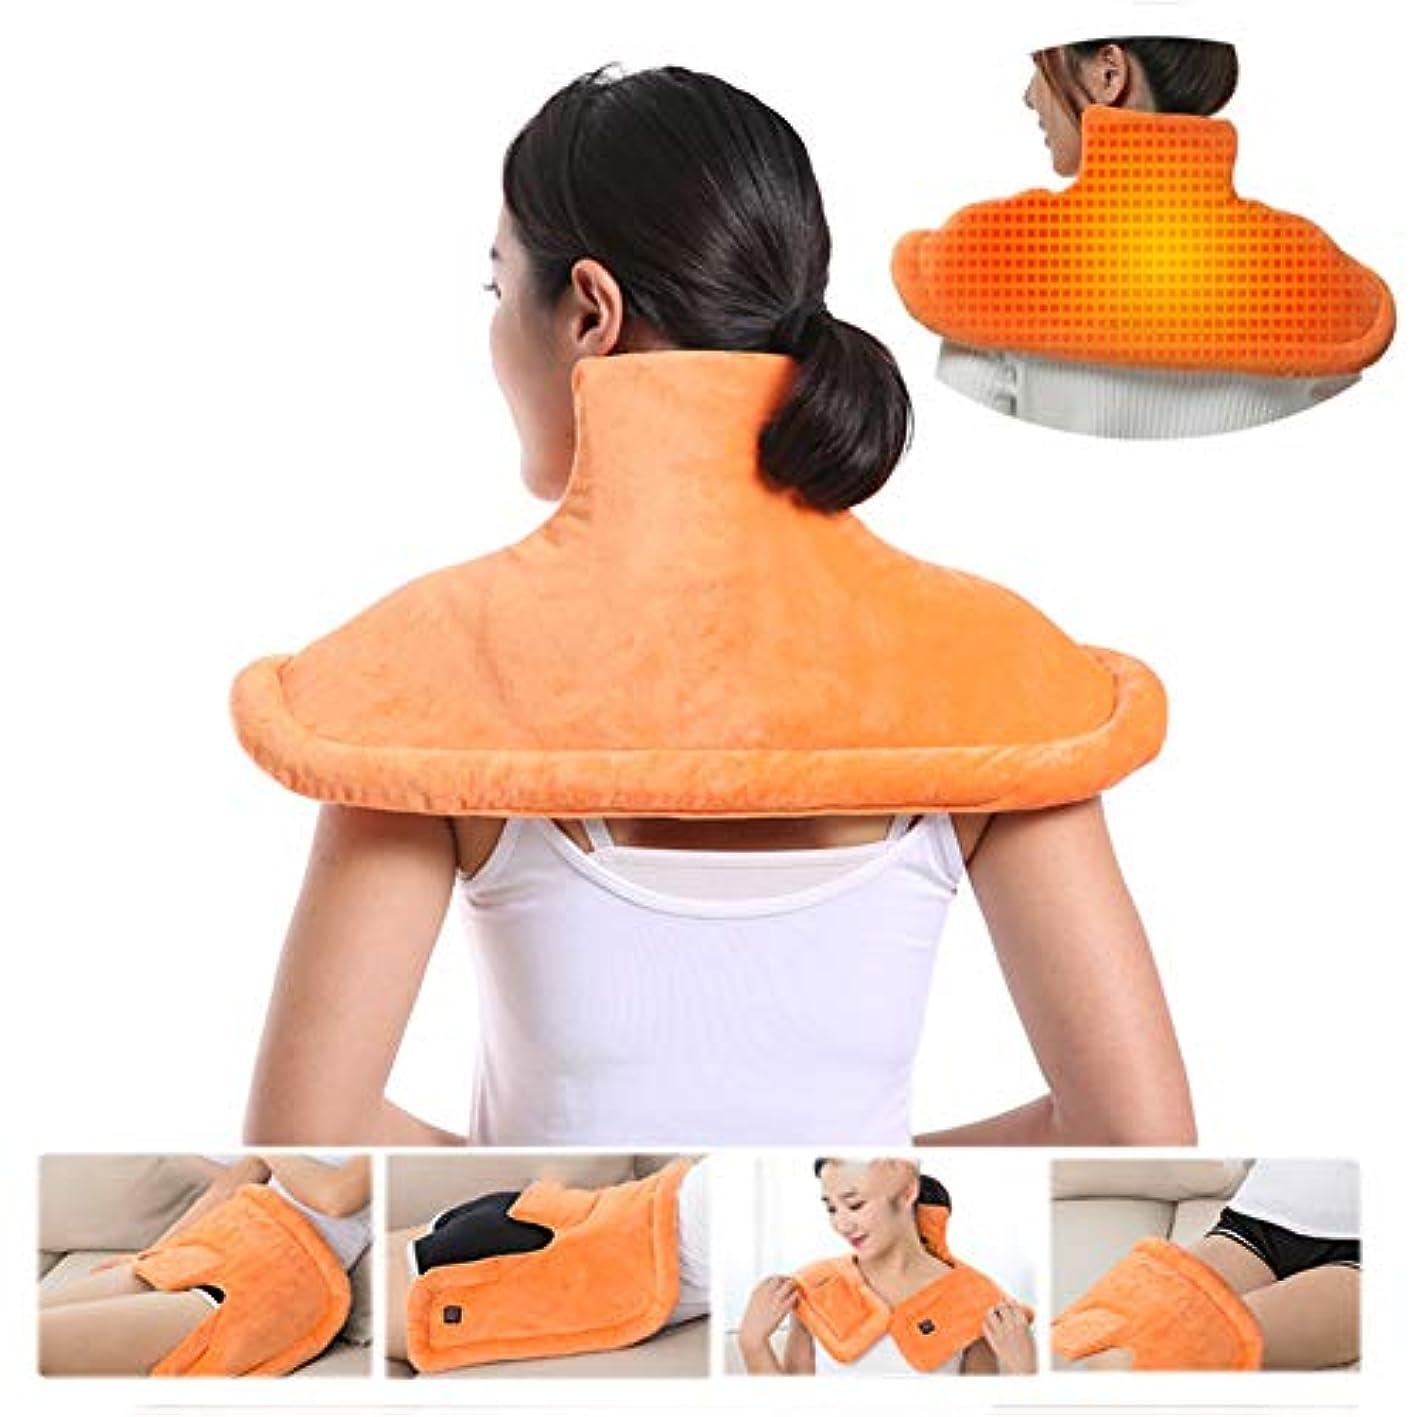 フリッパー歯近所の首の肩の背部暖房パッド、マッサージのヒートラップの熱くするショールの減圧のための調節可能な強度フルボディマッサージ首の肩暖房湿った熱療法のパッド